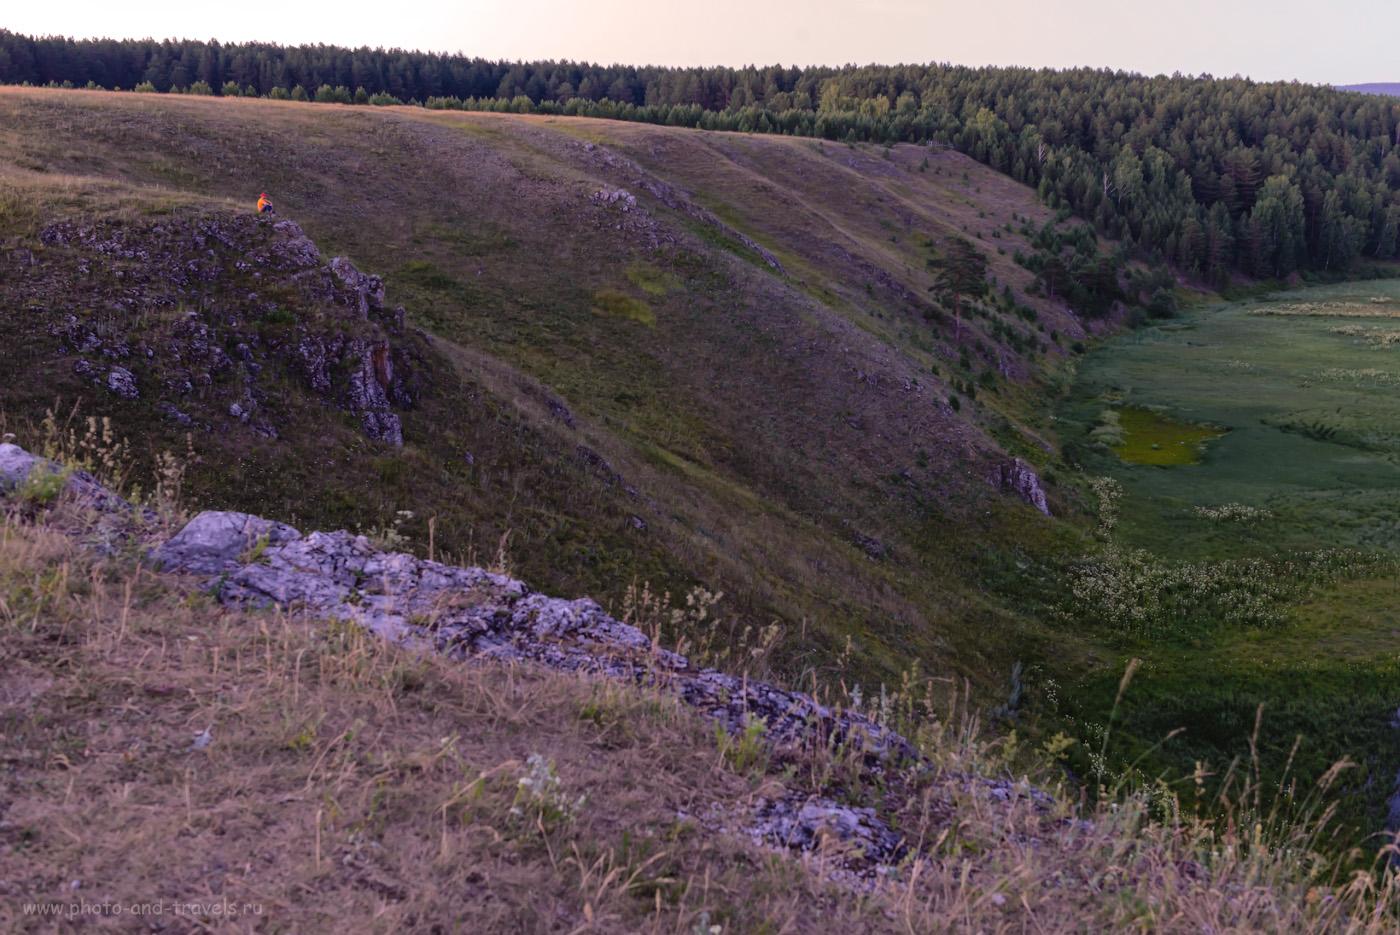 37. Красоты на окраине Аракаево. Вид со смотровой площадки. 10 сек., 8.0, 640, +0.33, 40.